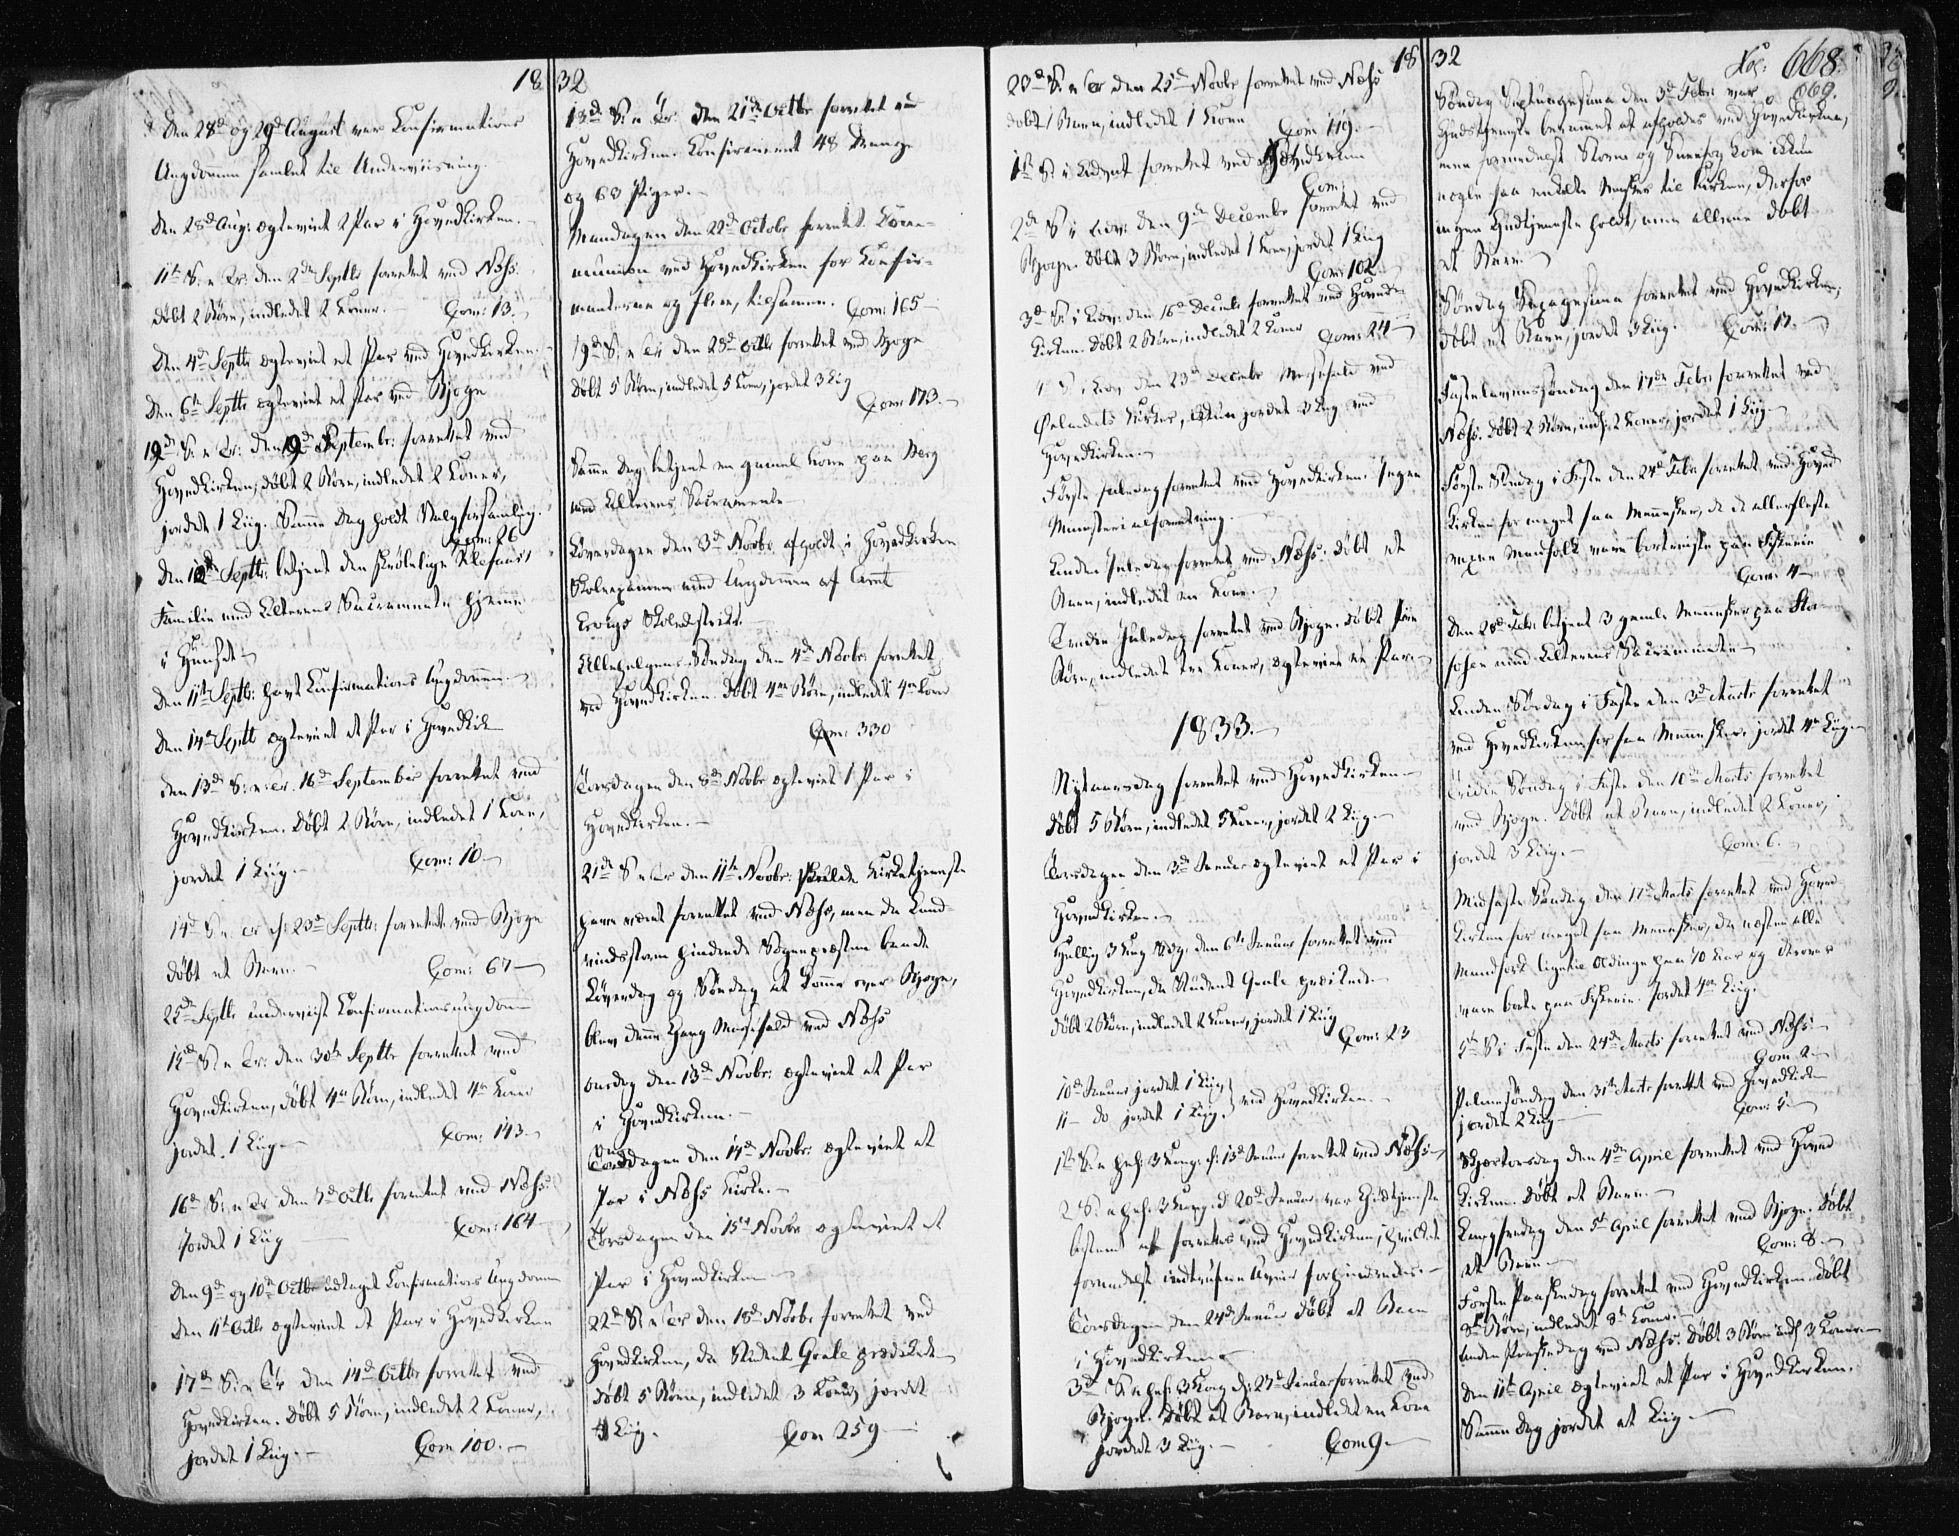 SAT, Ministerialprotokoller, klokkerbøker og fødselsregistre - Sør-Trøndelag, 659/L0735: Ministerialbok nr. 659A05, 1826-1841, s. 668